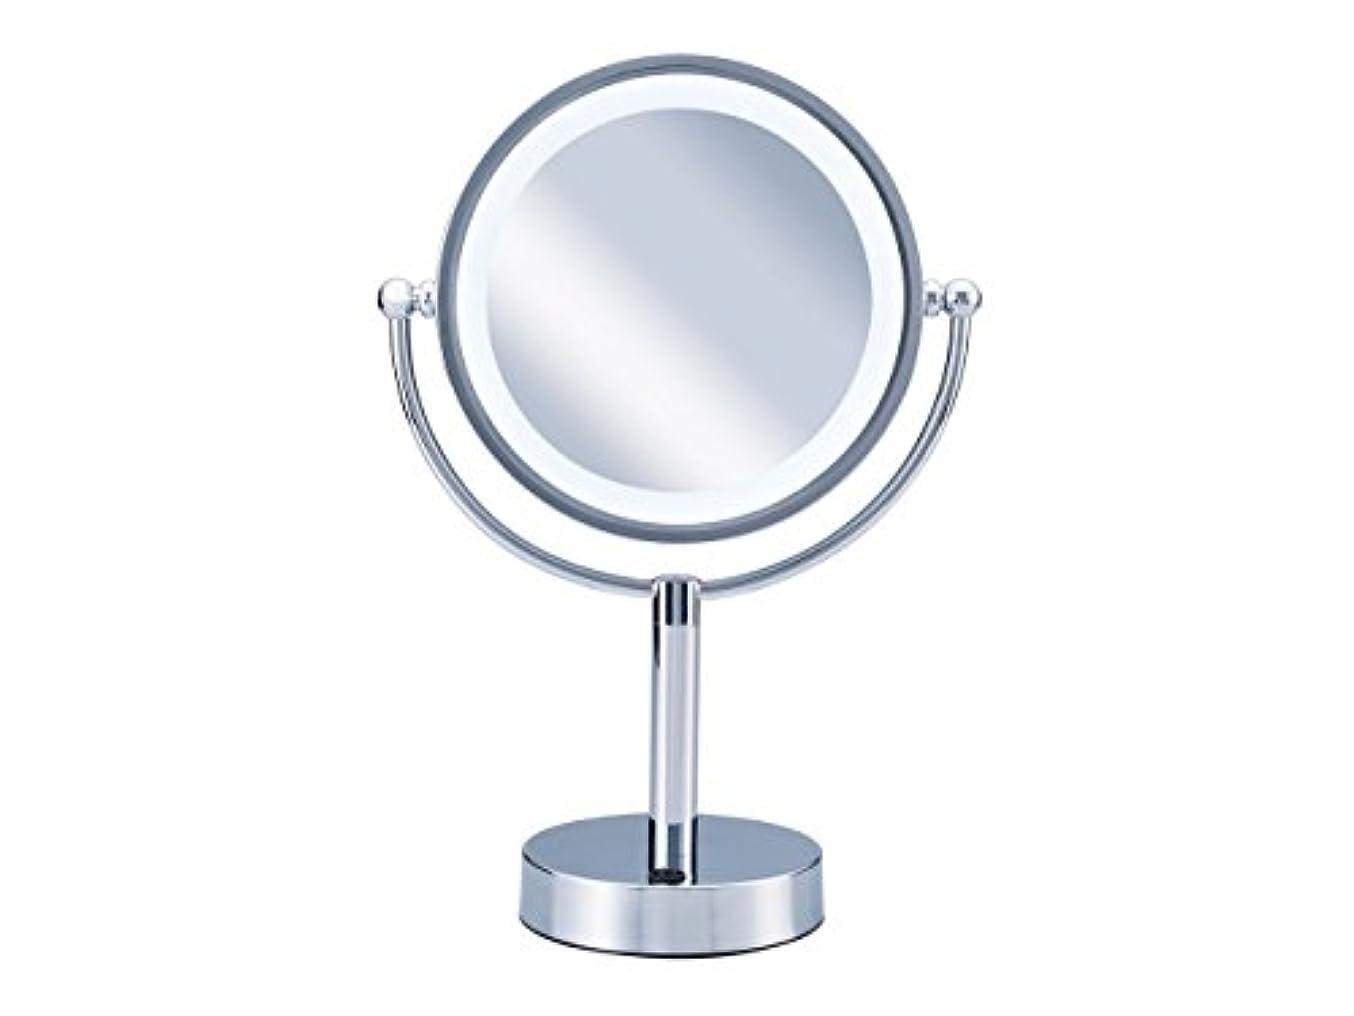 達成する教義チューリップコイズミ 拡大鏡 LEDライト付き 中型φ145mm KBE-3010/S